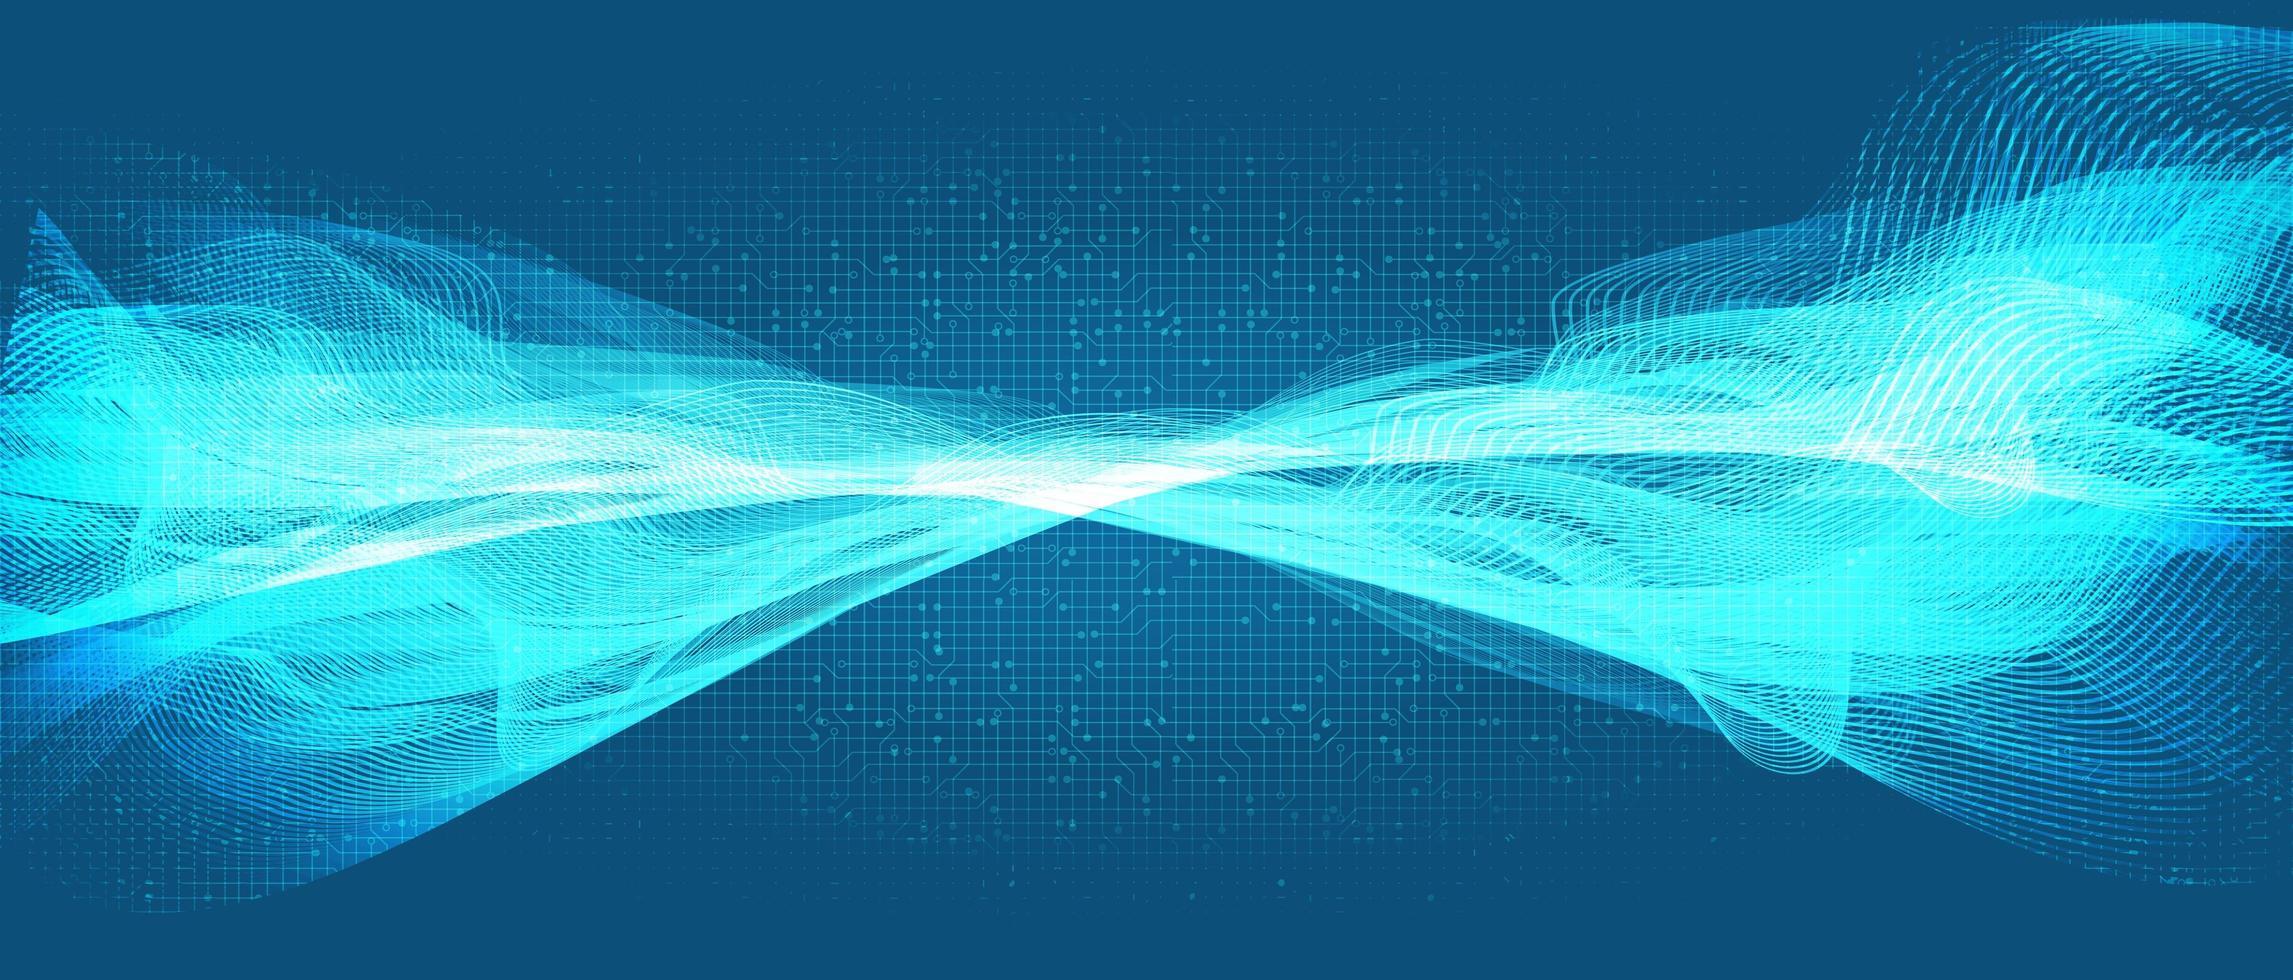 moderna tecnologia delle onde sonore e onde di terremoto e concetto d'ondeggiamento, design per studio musicale e scienza, illustrazione vettoriale. vettore